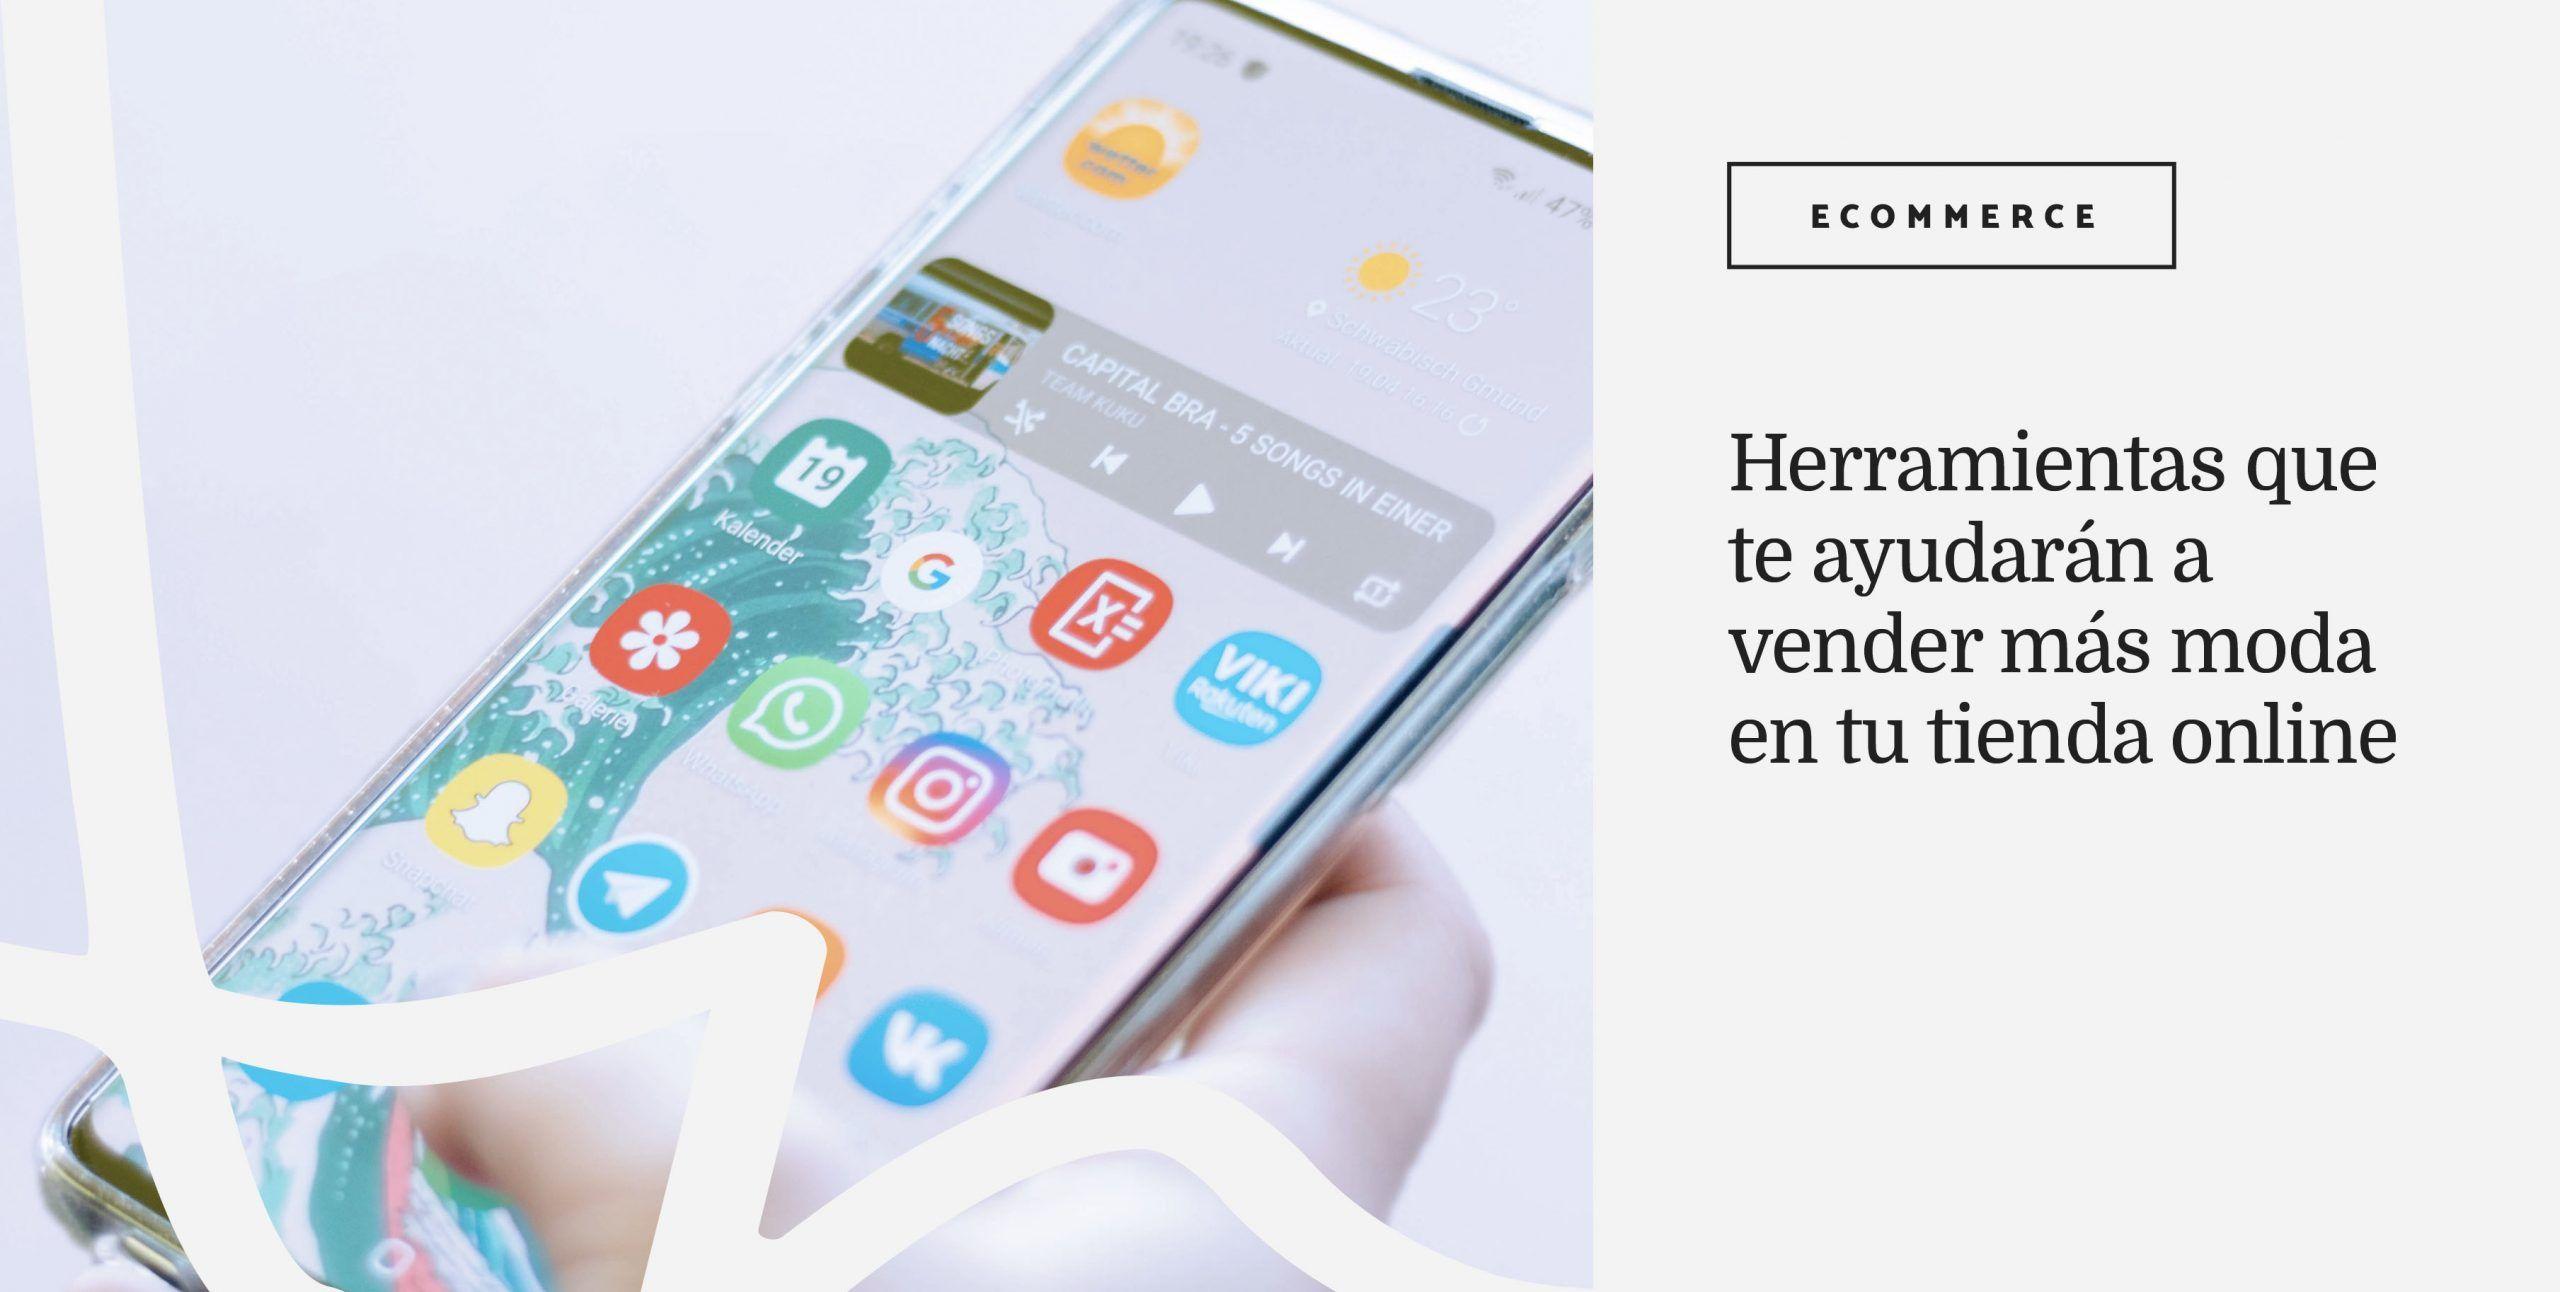 Herramientas-para-ecommerce-de-moda-Ana-Diaz-del-Rio-Consultora-Marketing-de-Moda-anadiazdelrio.com